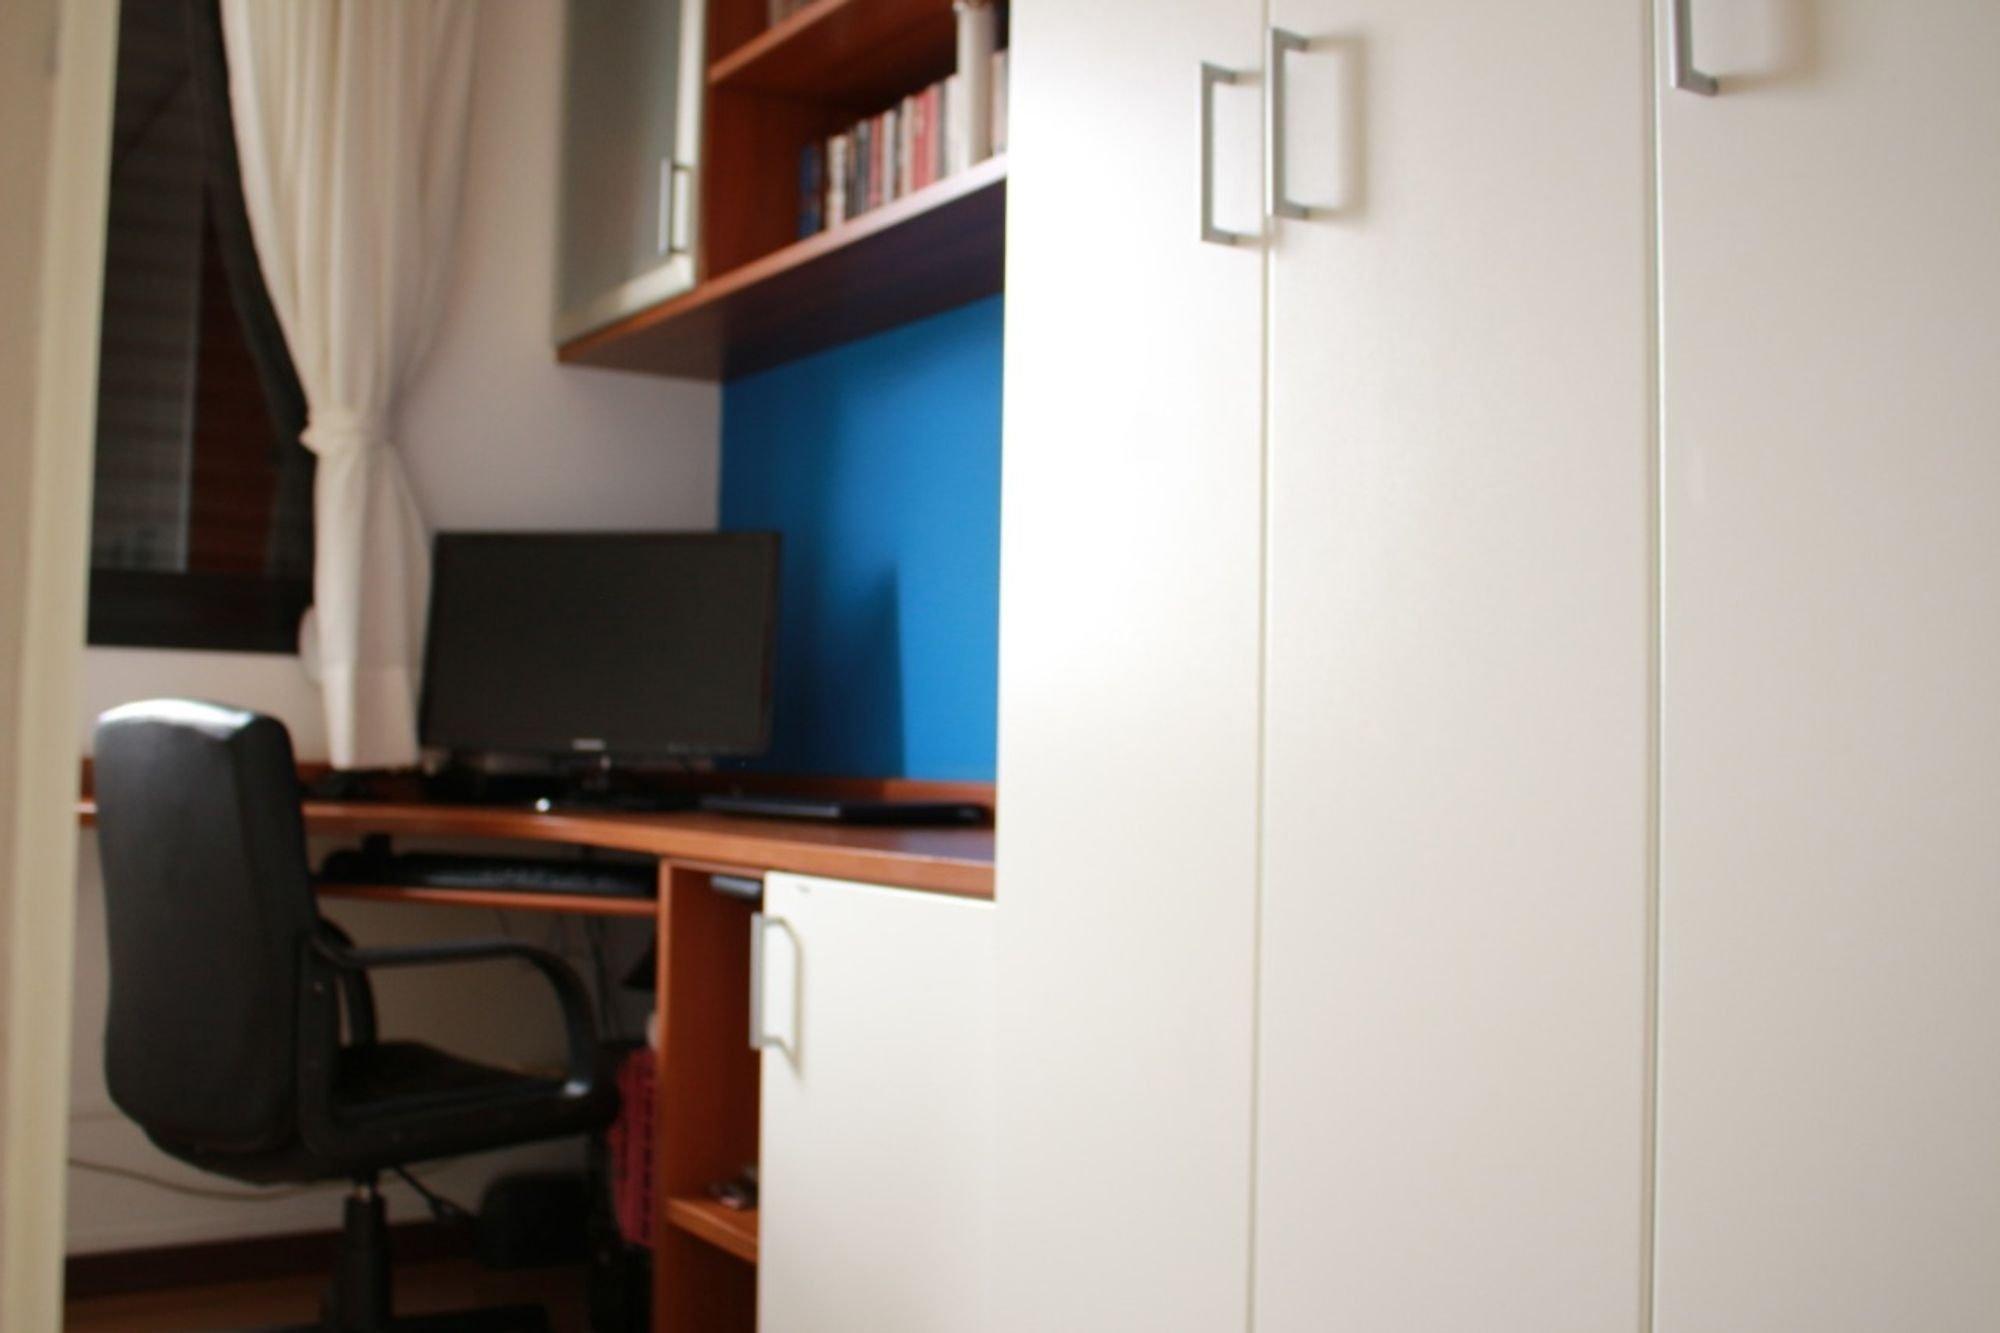 Foto de Quarto com geladeira, televisão, cadeira